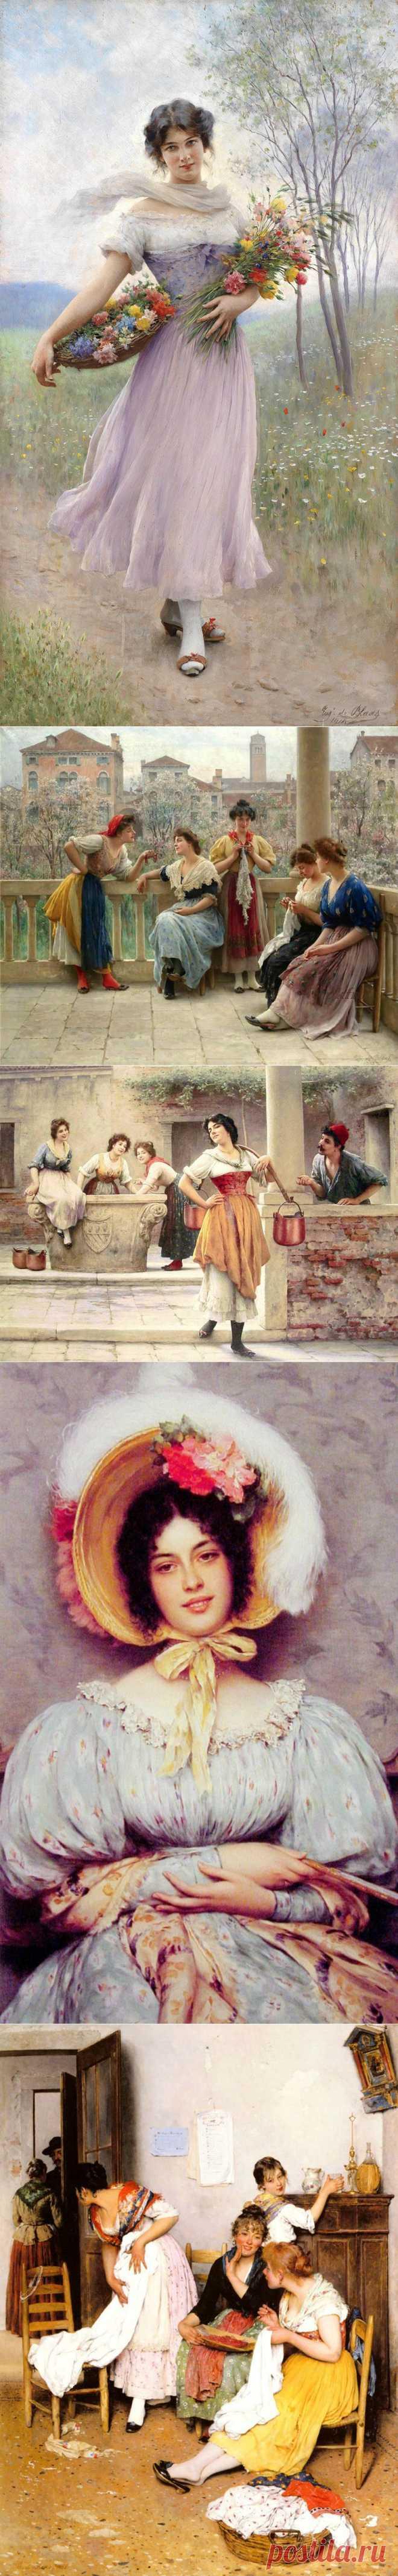 Итальянский художник Eugene de Blaas   1843-1932 гг. .